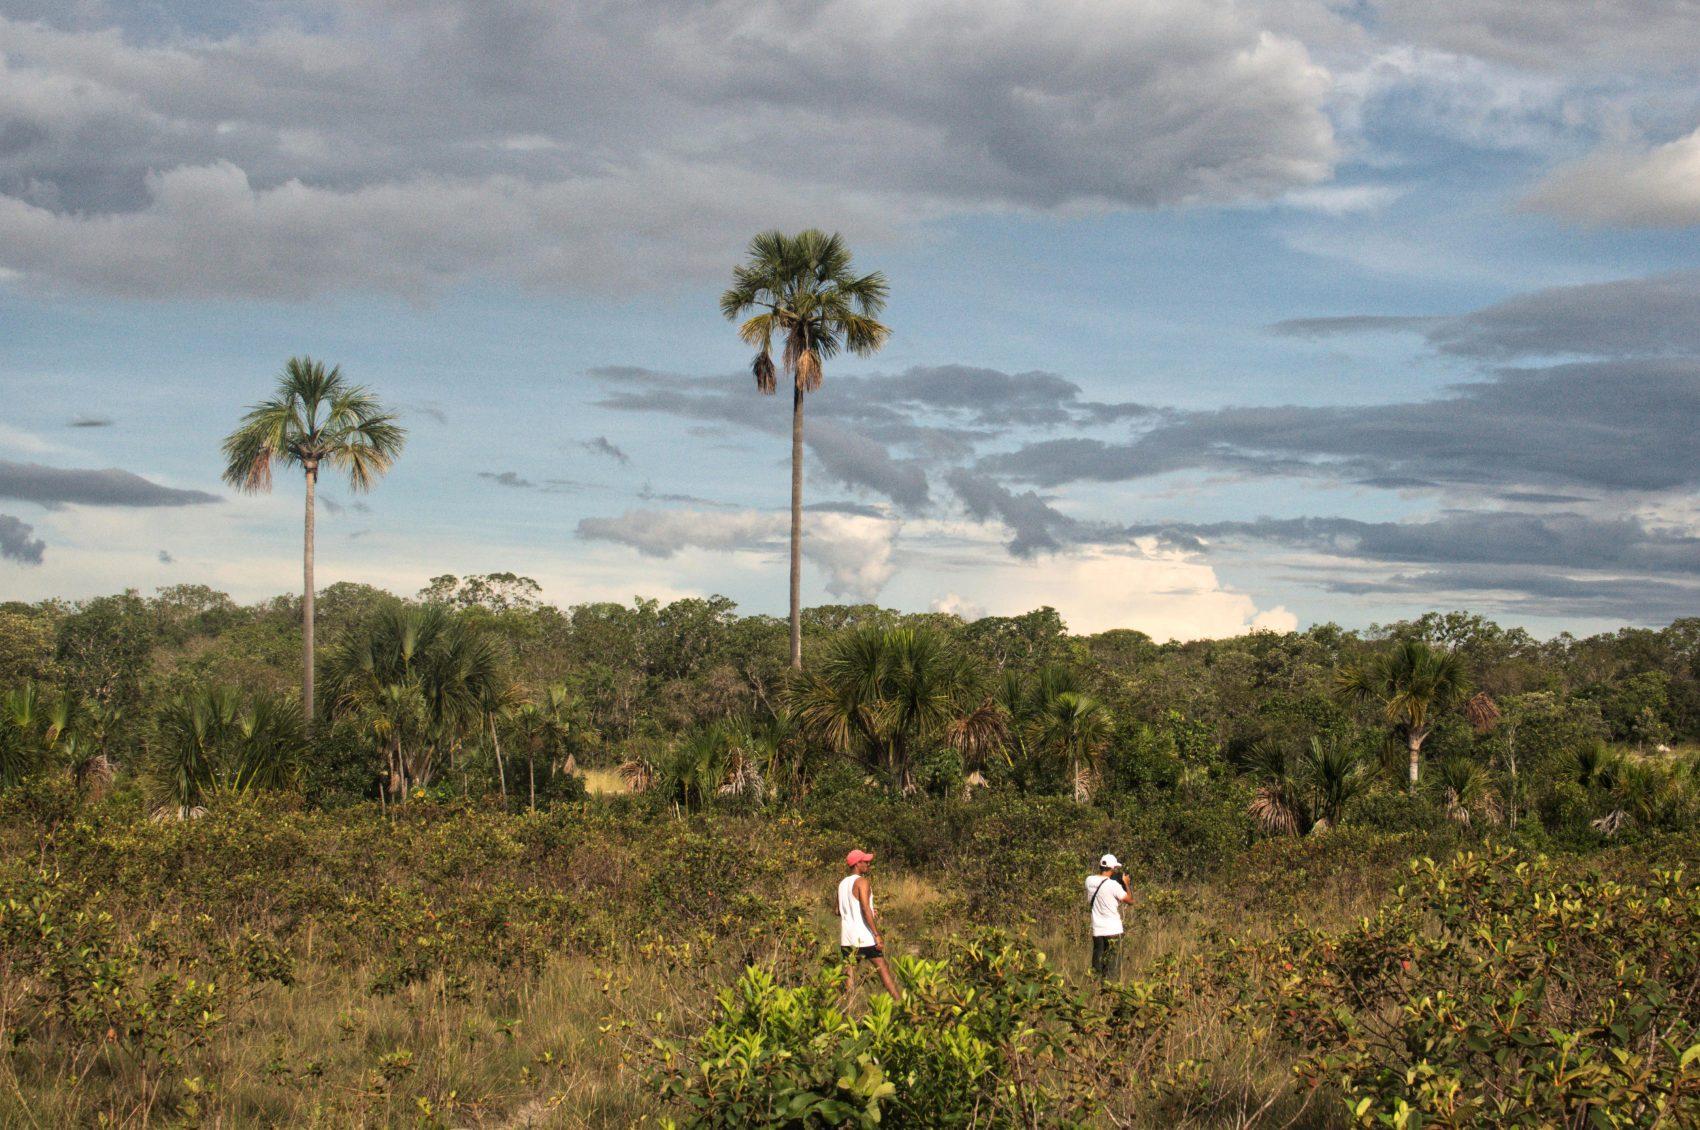 Os tons do céu do Cerrado: bioma precisa de mais proteção (Foto Flavia Milhorance)